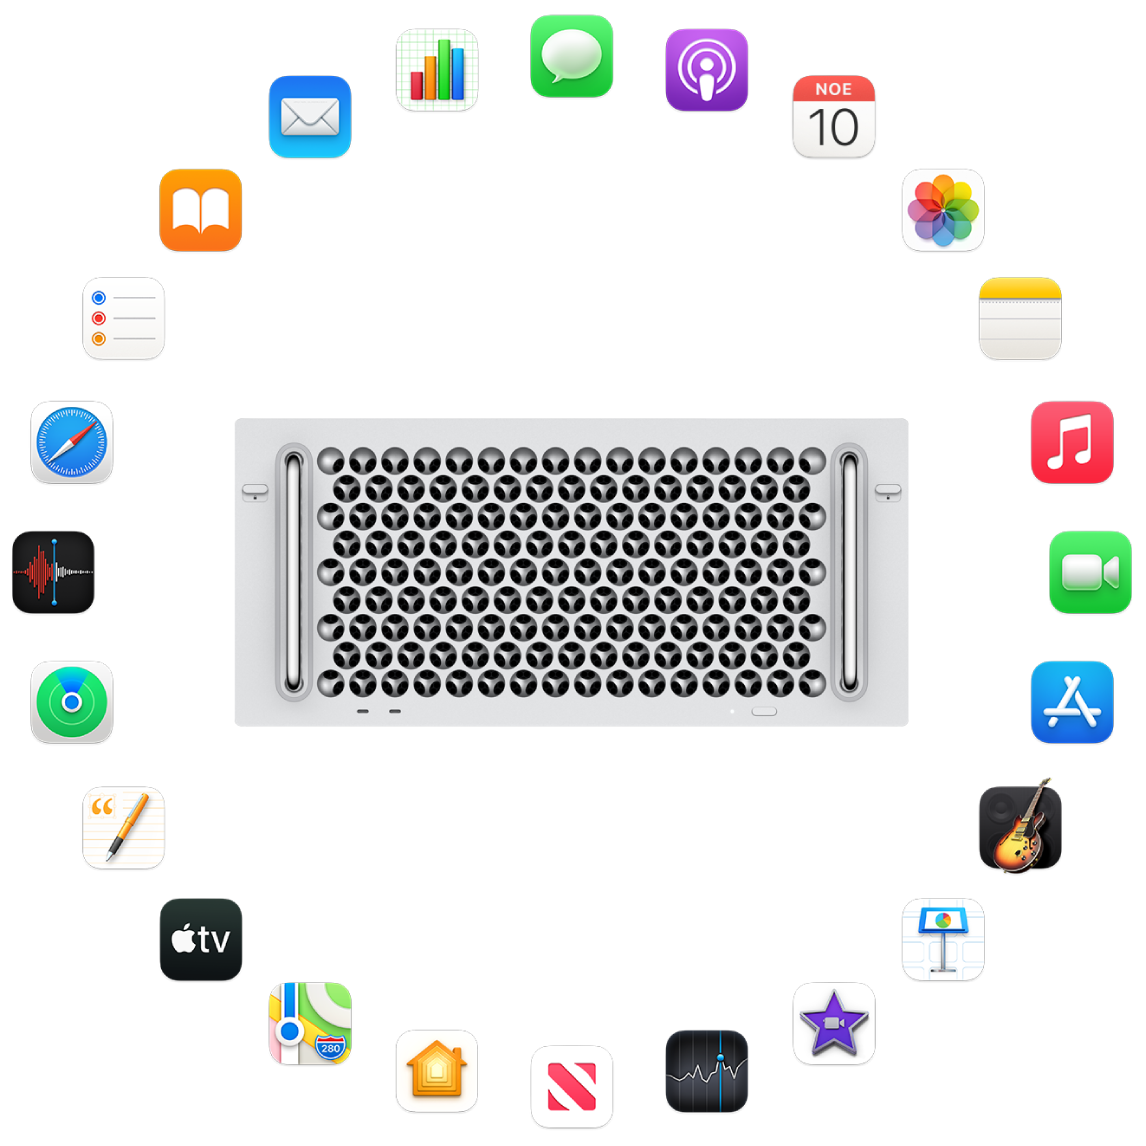 Ένα Mac Pro το οποίο περιβάλλεται από τα εικονίδια των ενσωματωμένων εφαρμογών που περιγράφονται στις επόμενες ενότητες.